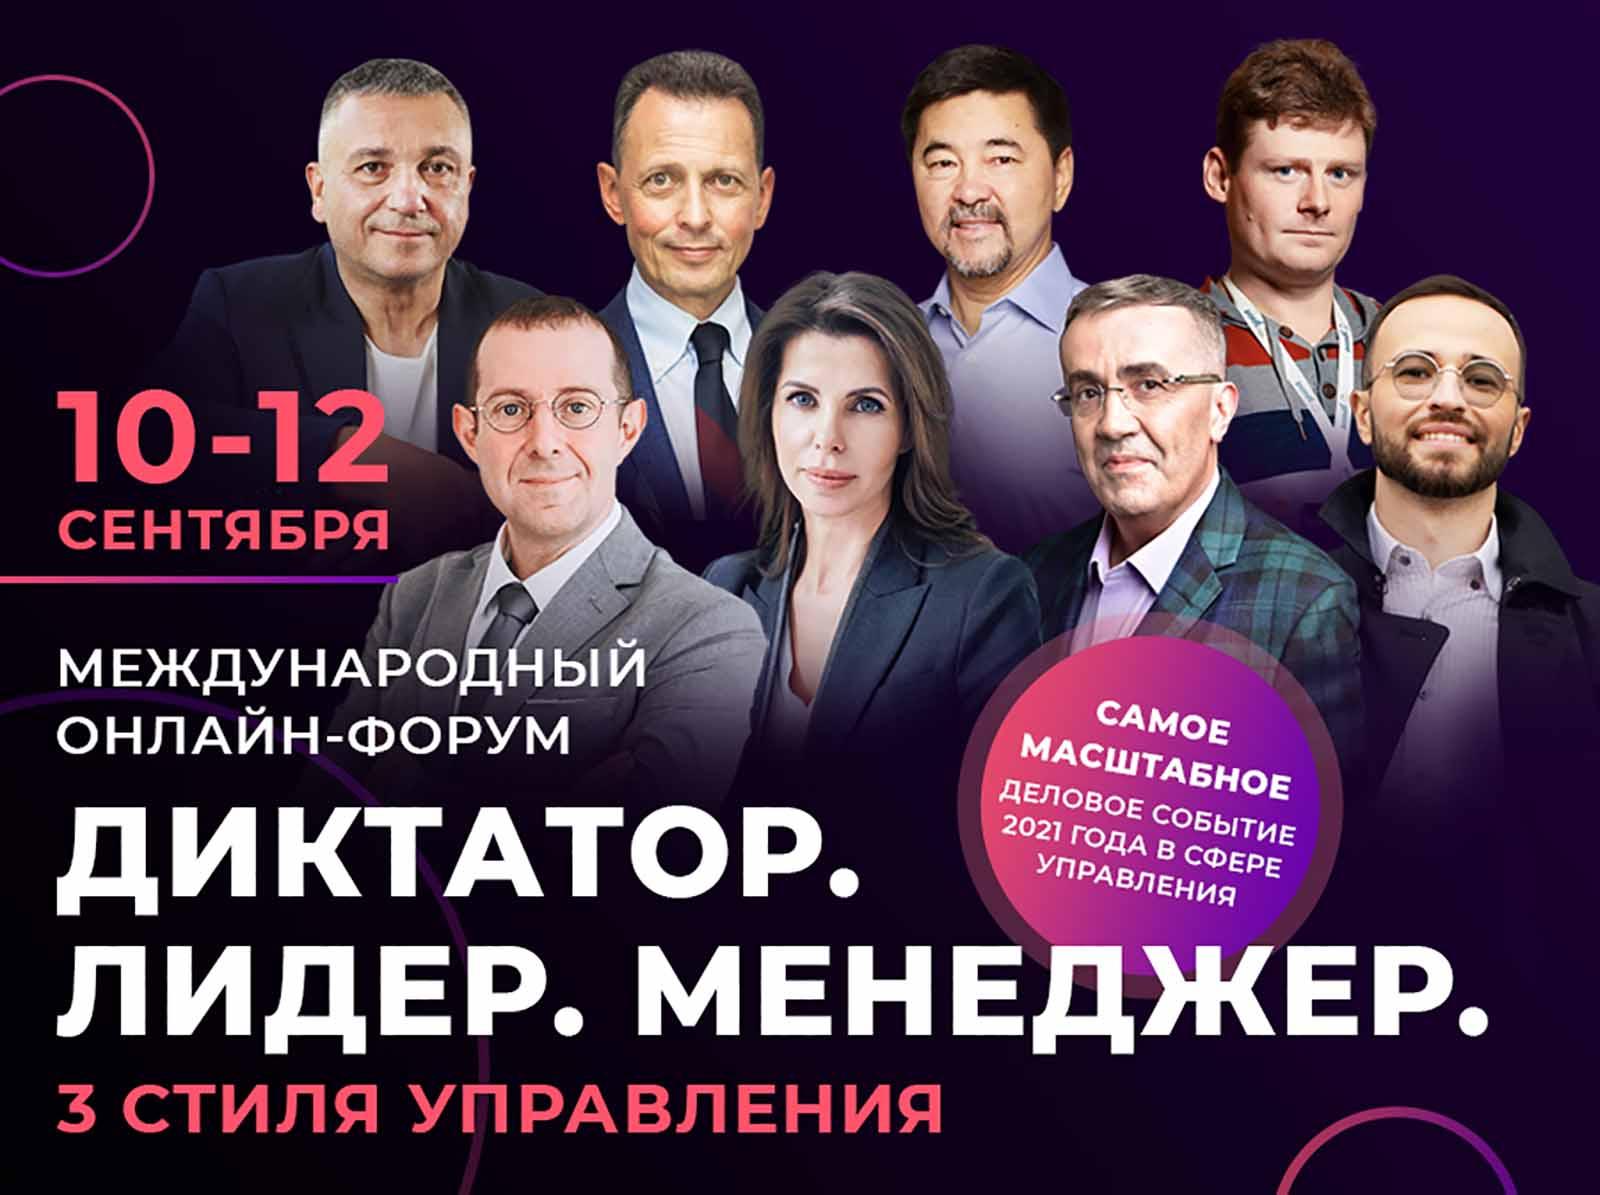 Международный онлайн-форум «Диктатор, лидер, менеджер. 3 стиля управления»